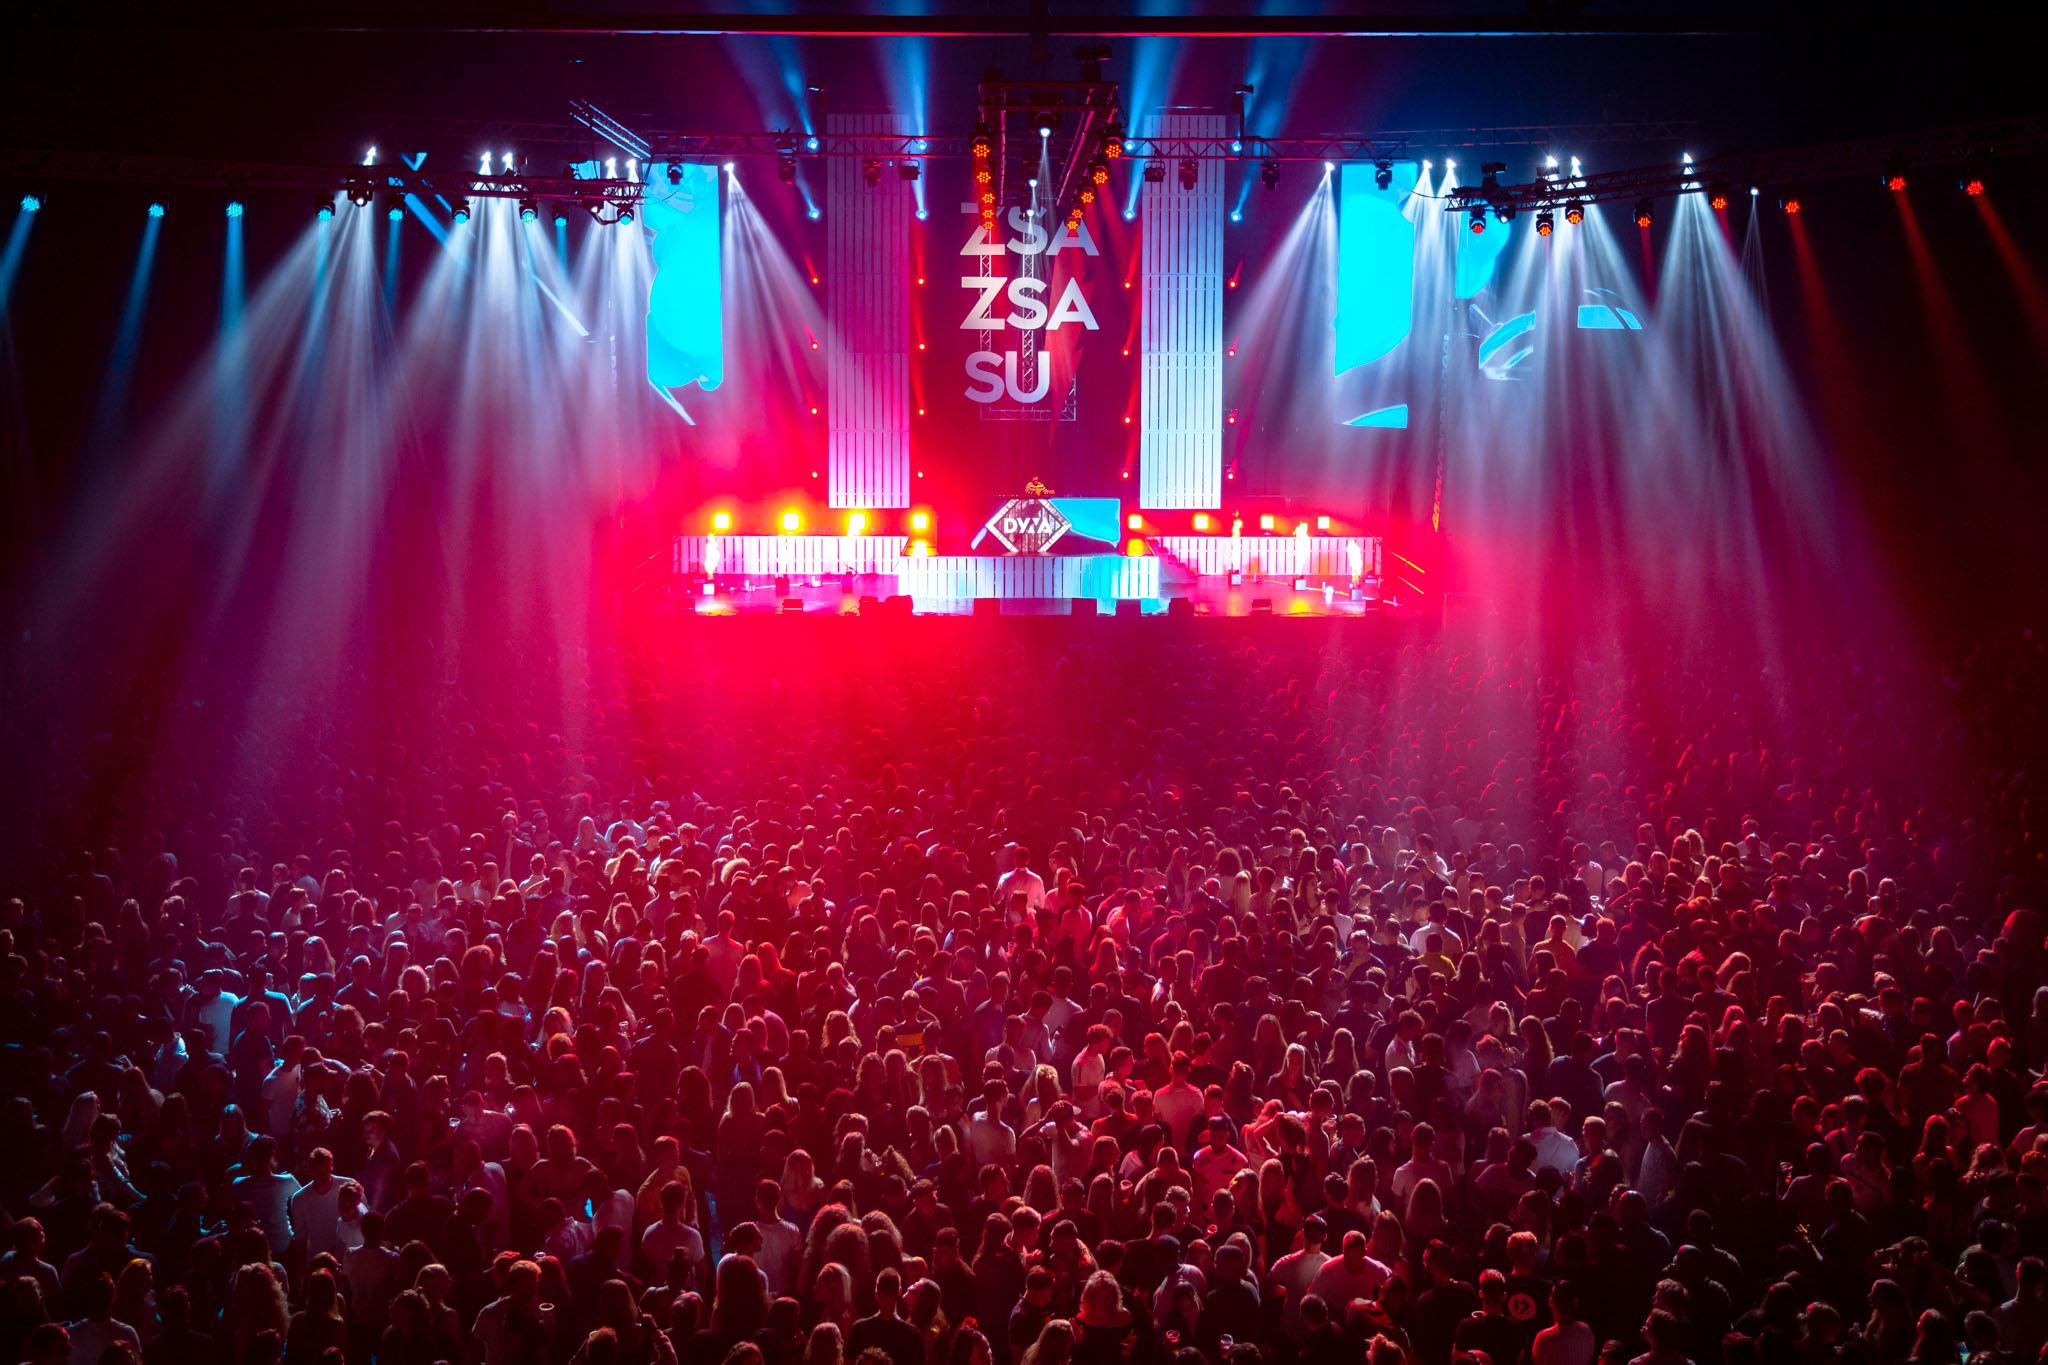 Zsa Zsa Su Amsterdam Afas Evenement Fotograaf Shot By Sylla 45